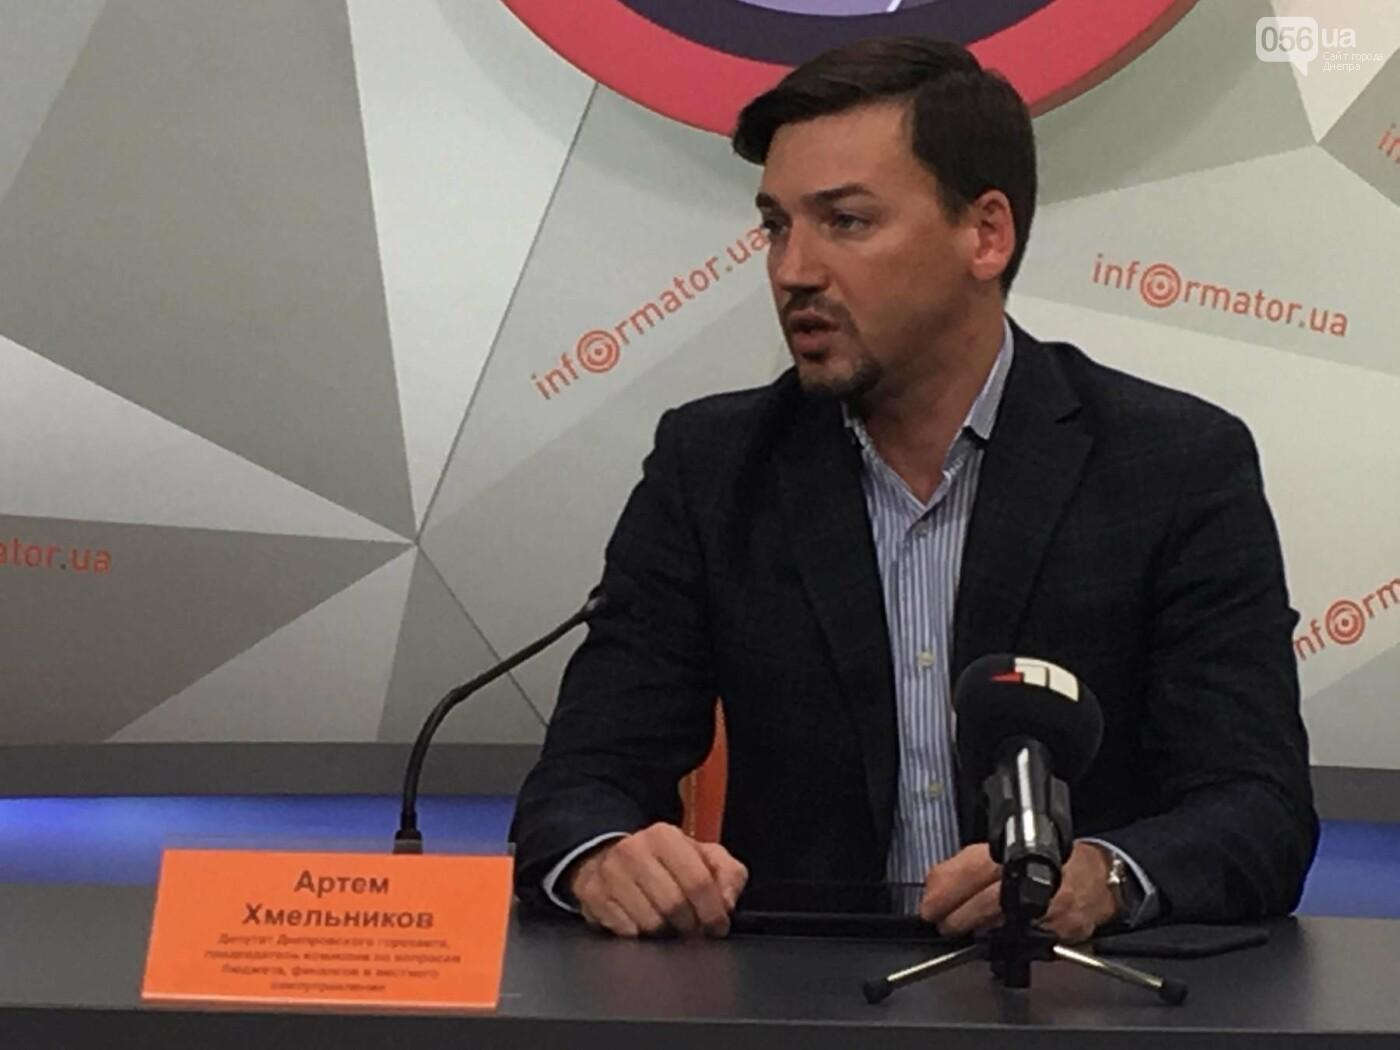 Бюджет Днепра-2019 составит почти 15 миллиардов гривен: на что потратят деньги, - ФОТО, фото-1